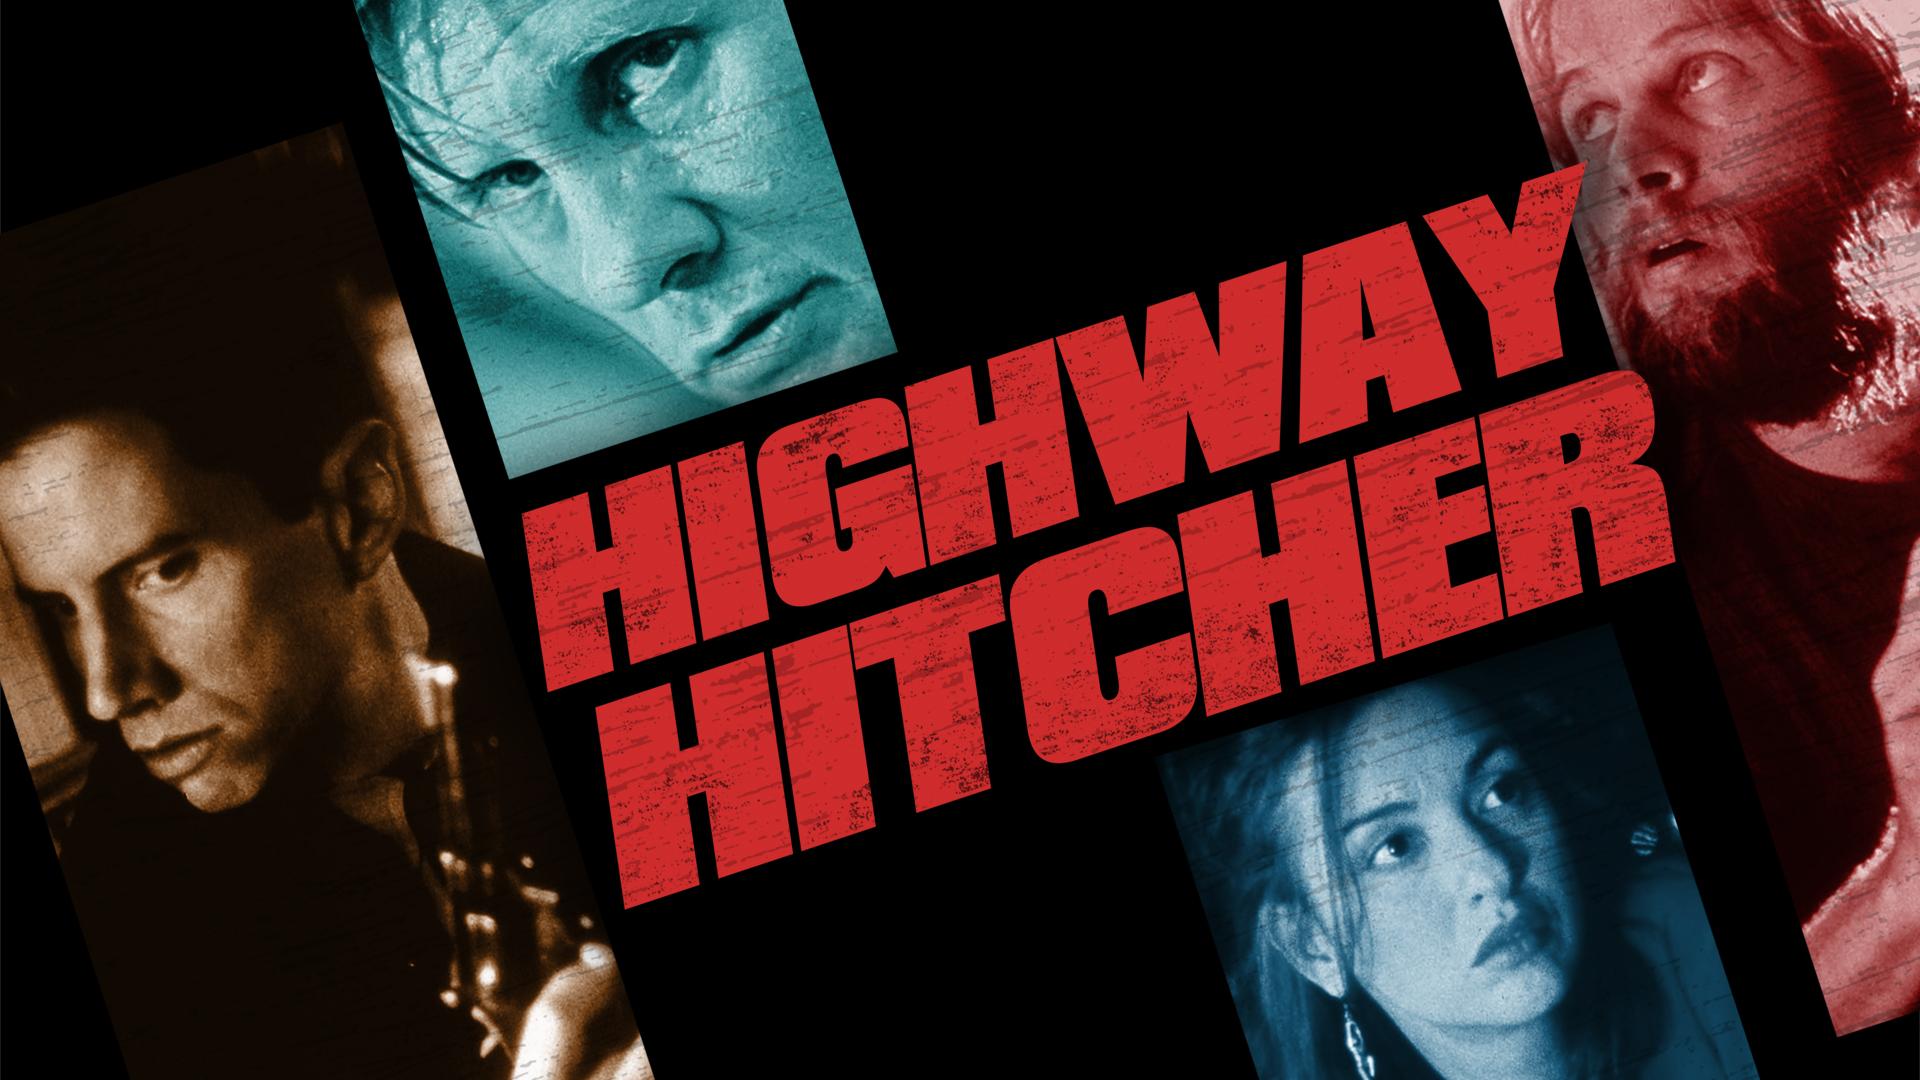 Highway Hitcher